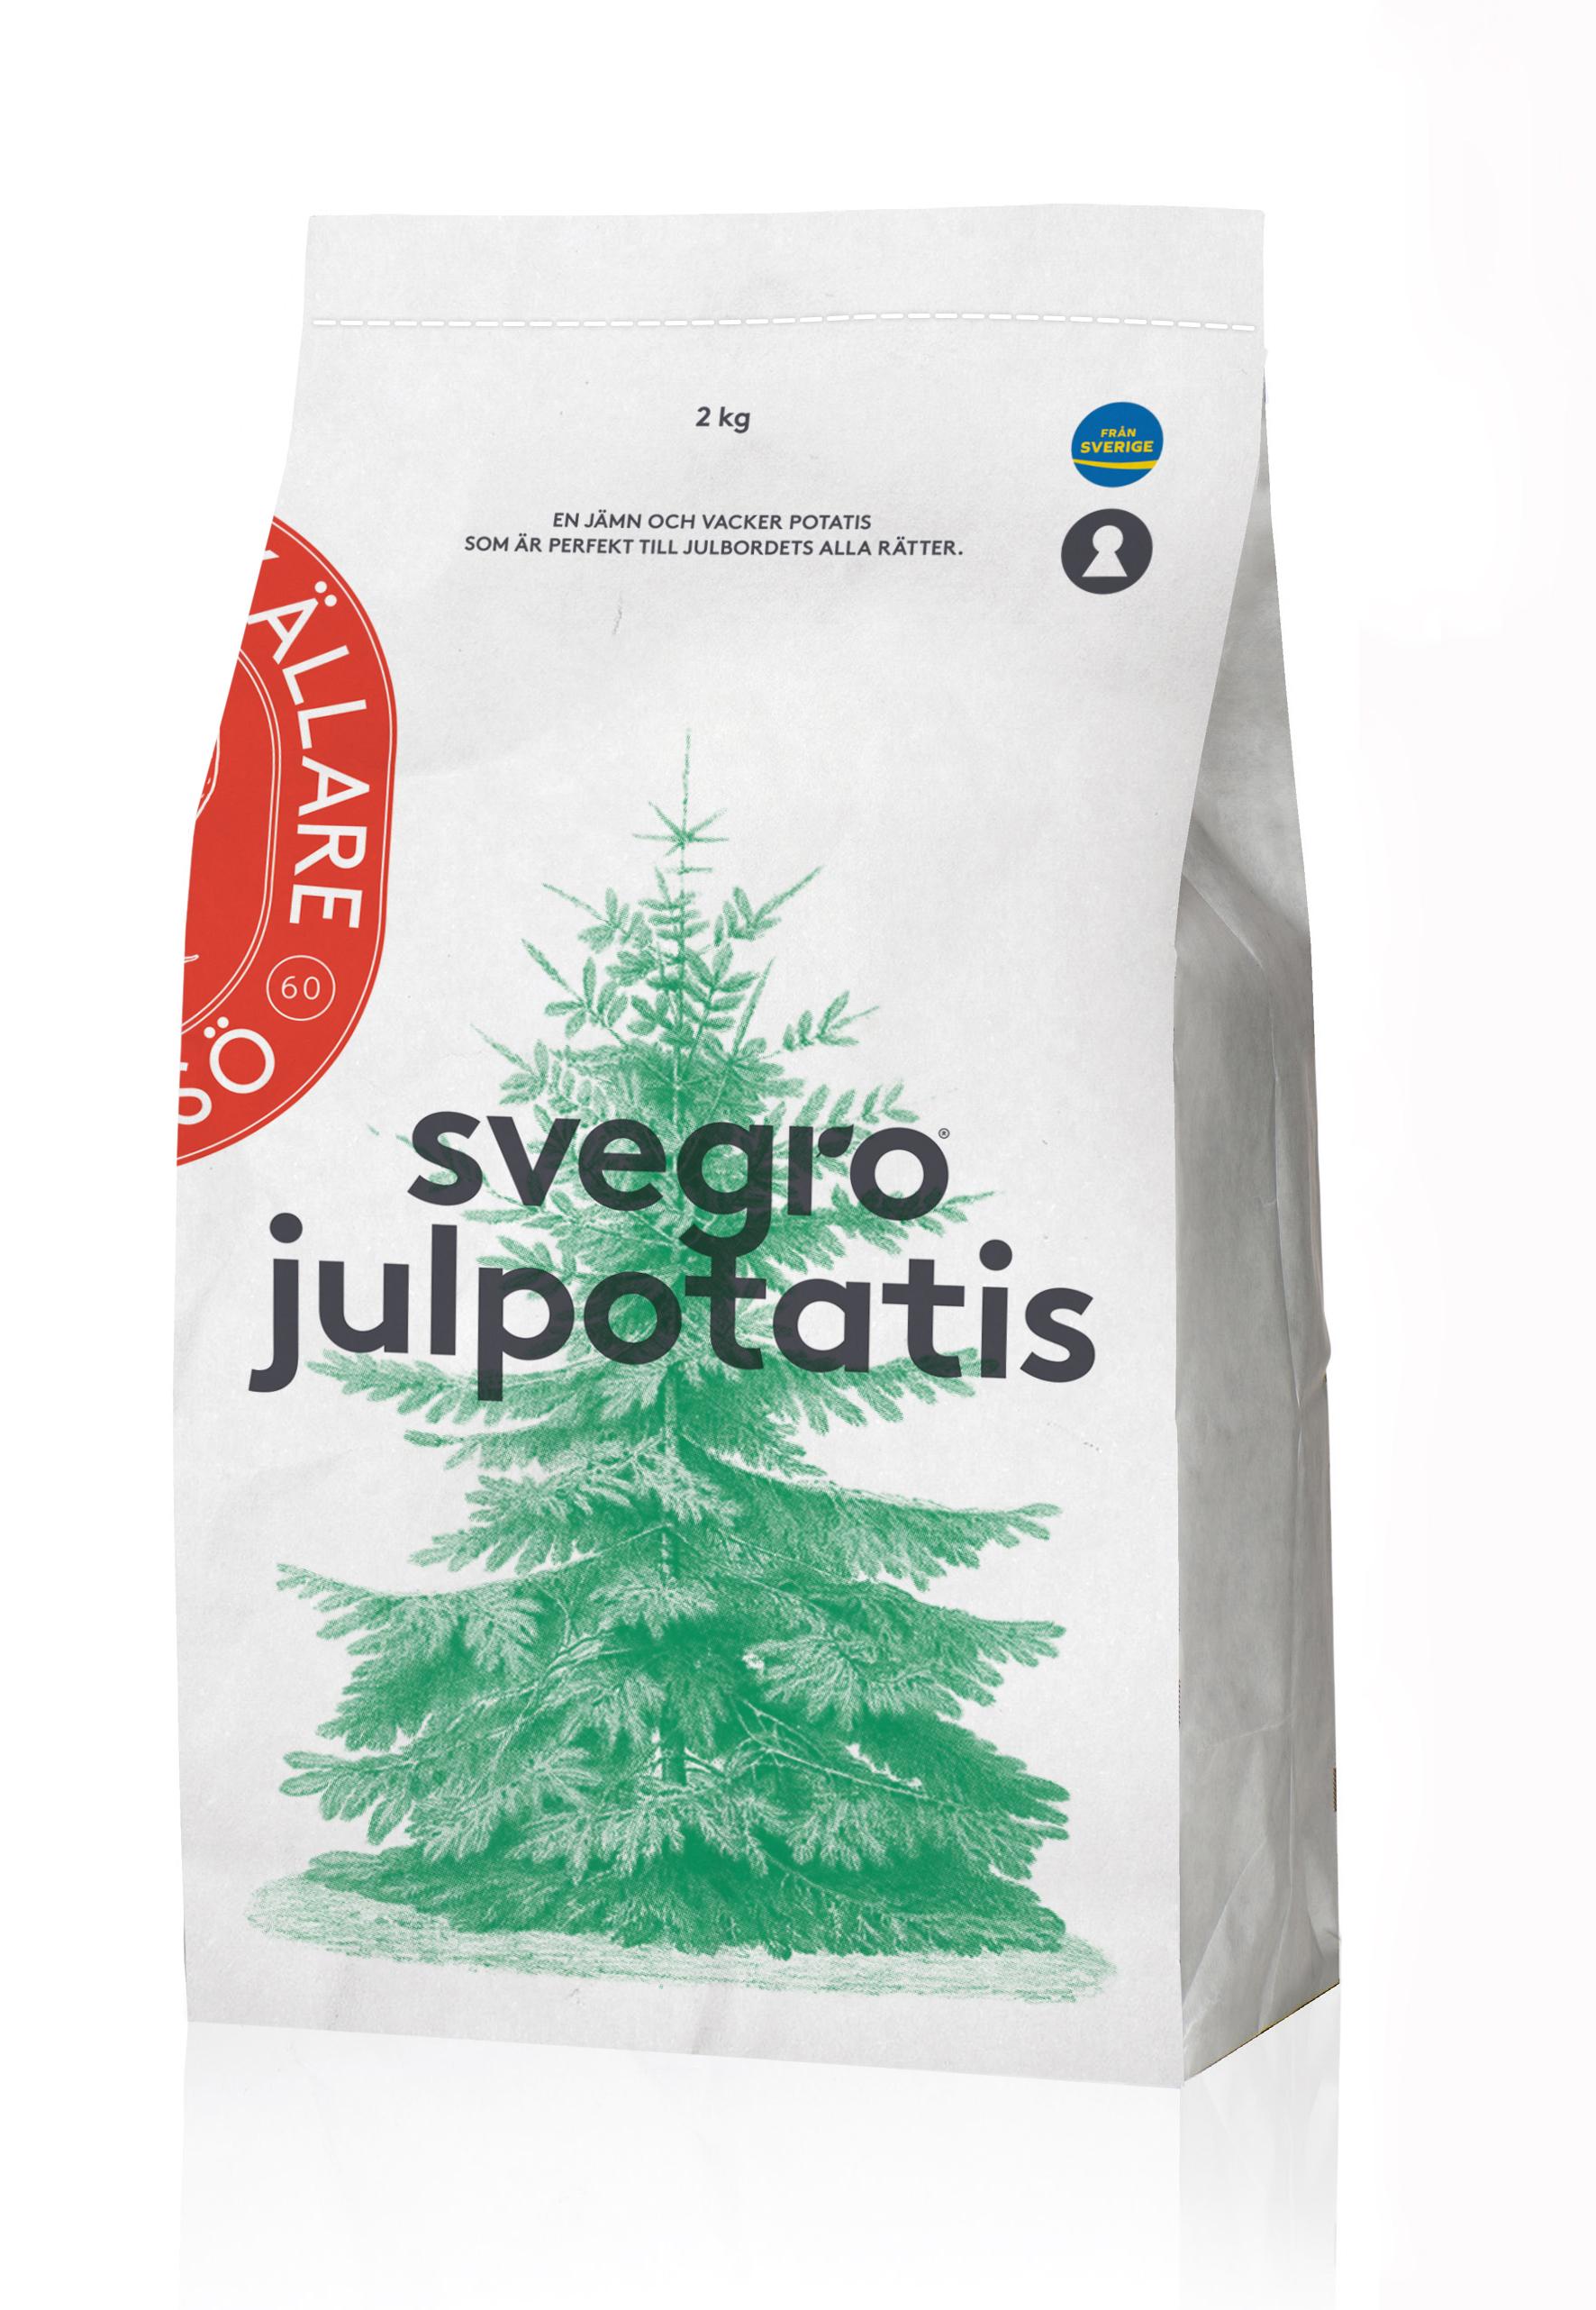 Svegro Julpotatis2kg